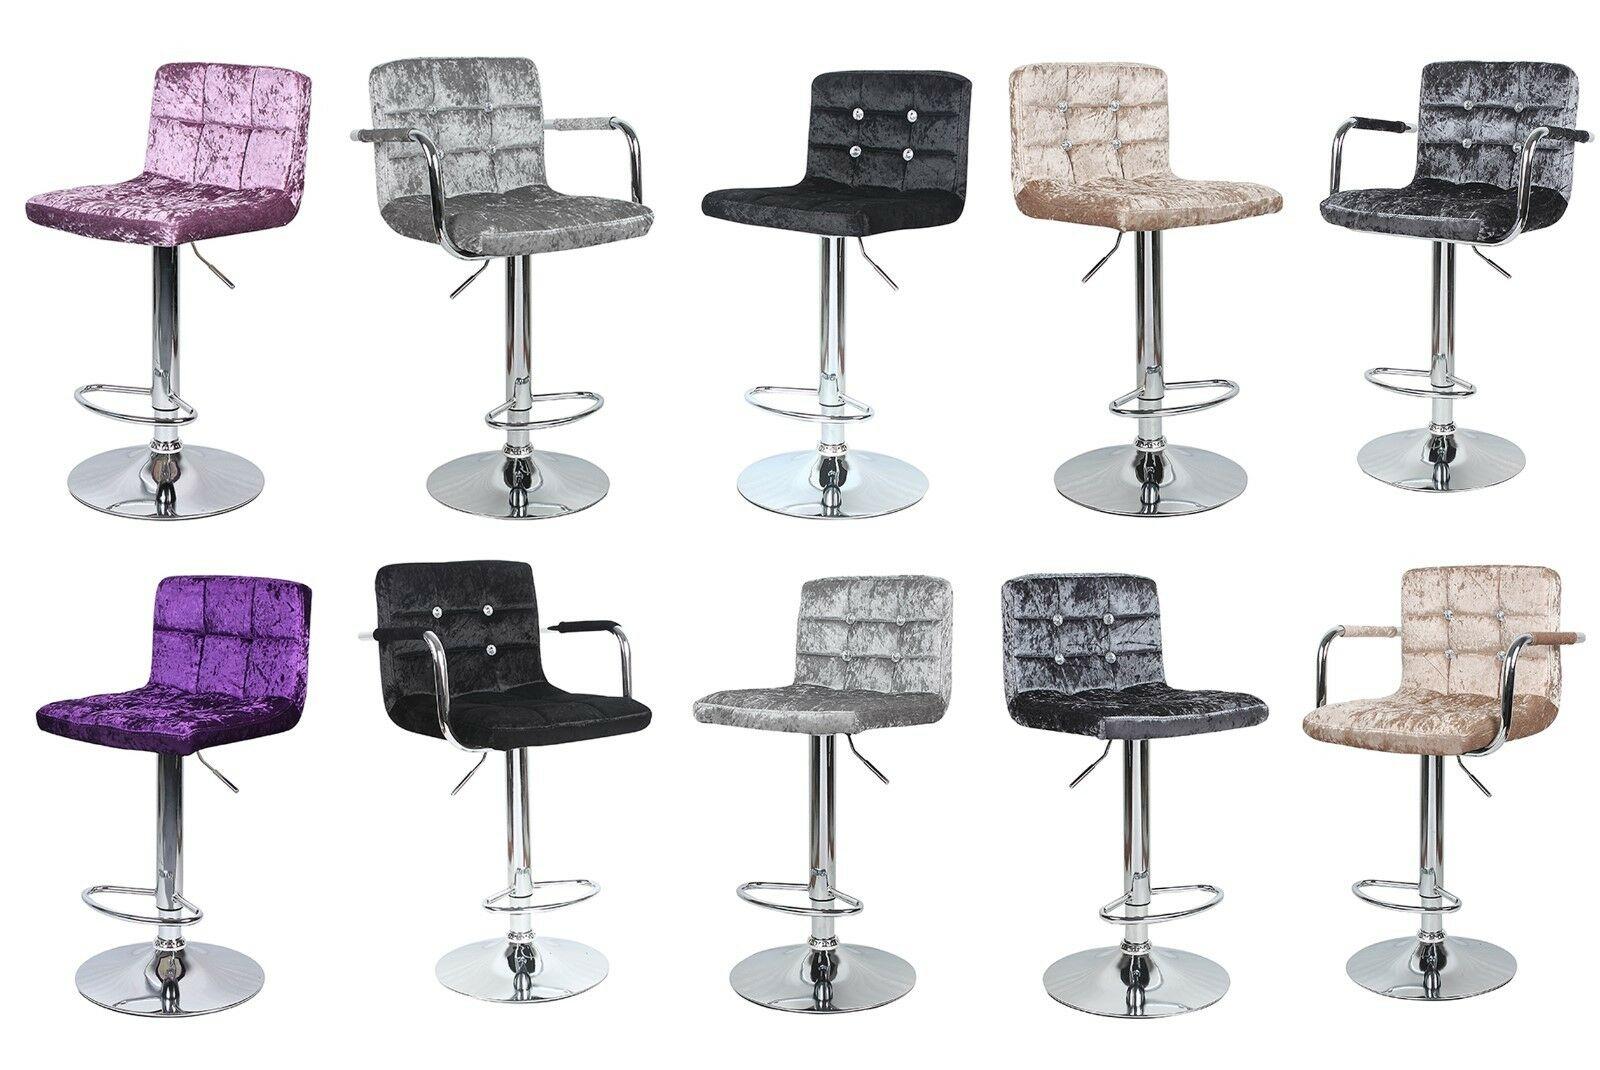 Bar Stools Set of 9pcs/set Counter Height Adjustable Velvet Swivel Dining  Chair bar chair Crushed Velvet Breakfast Bar Stool